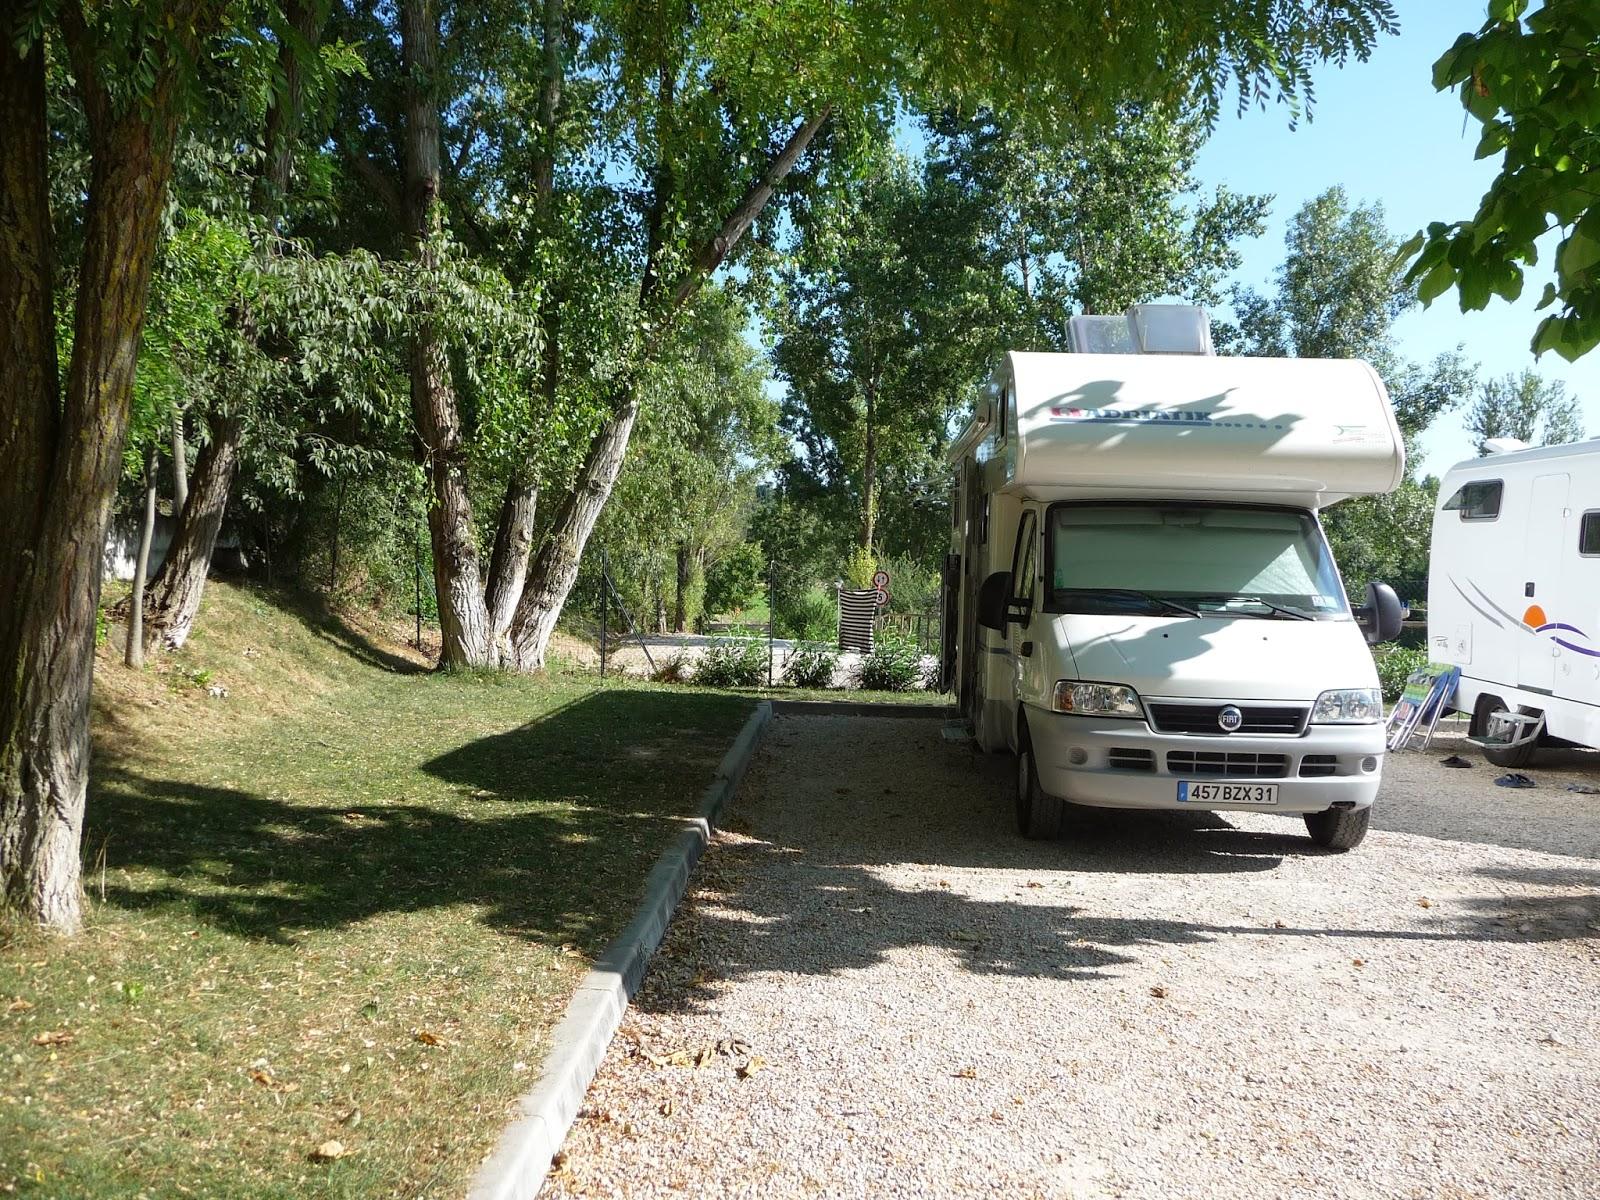 evasion en camping car italie du nord 2010. Black Bedroom Furniture Sets. Home Design Ideas